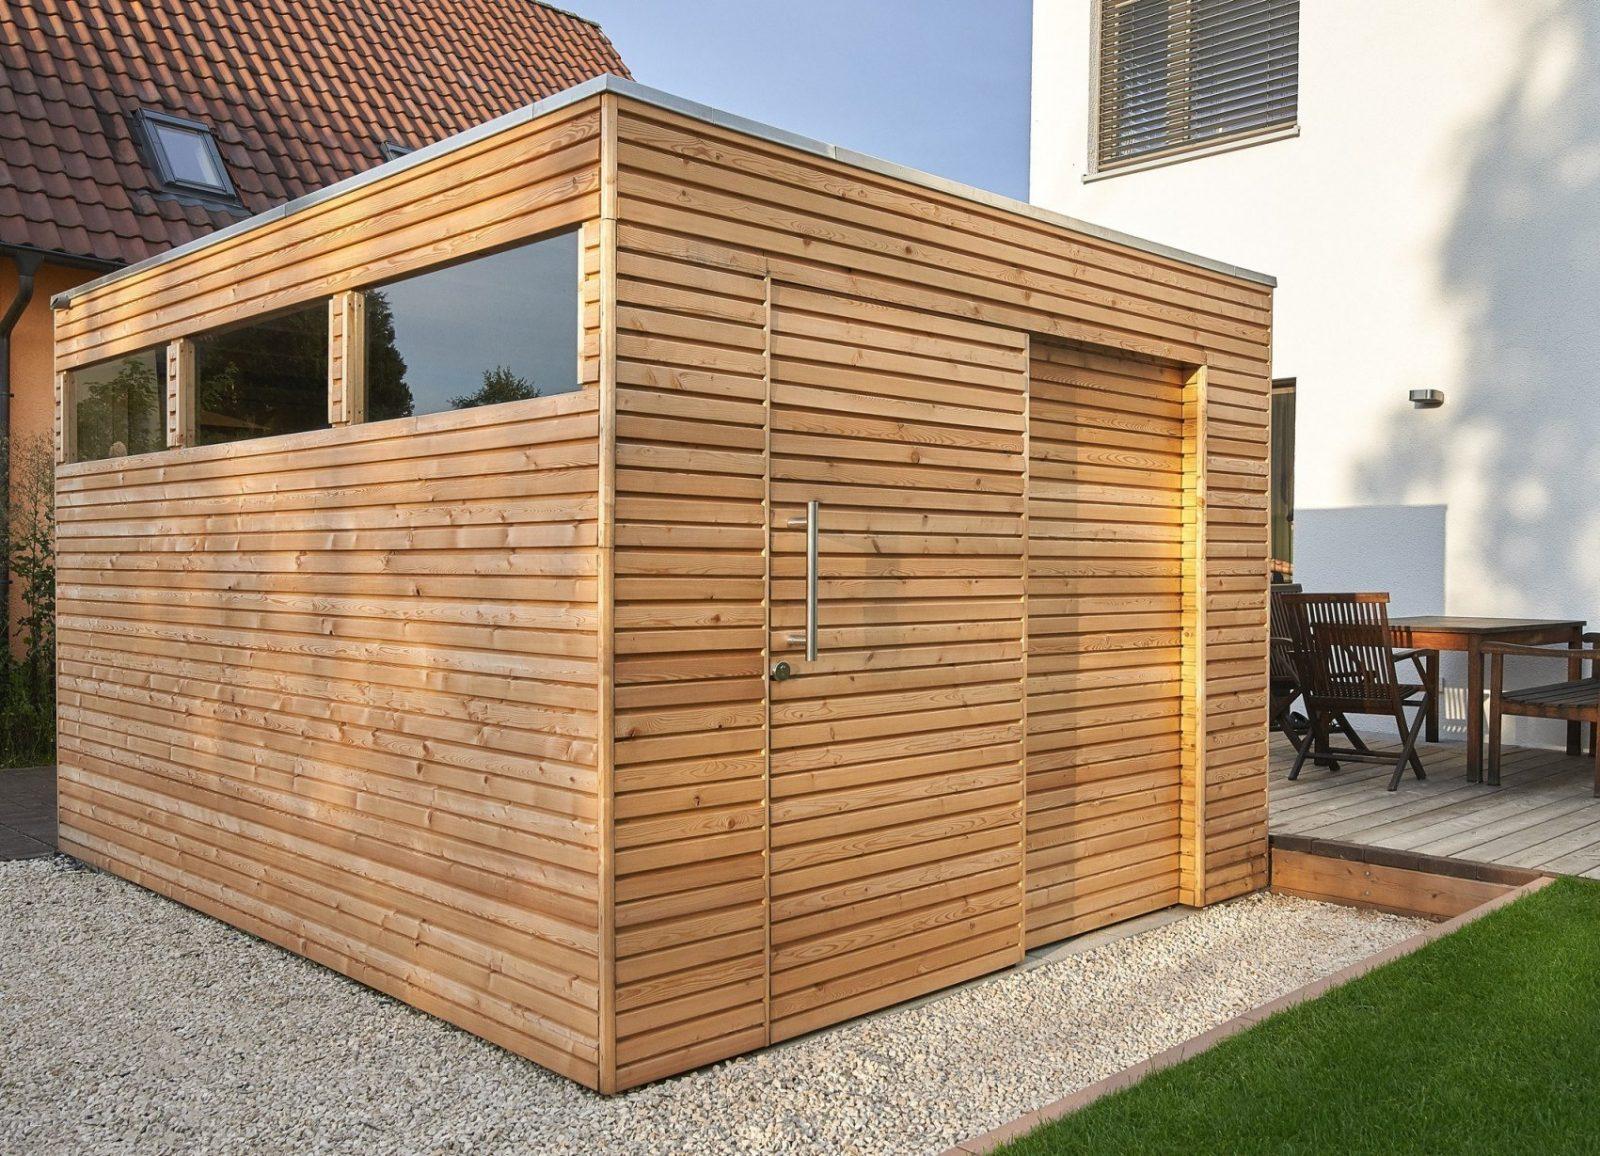 Gartenhaus Flachdach Selber Bauen Anleitung Amuda Me At Holz Beim von Gartenhaus Ytong Selber Bauen Bild